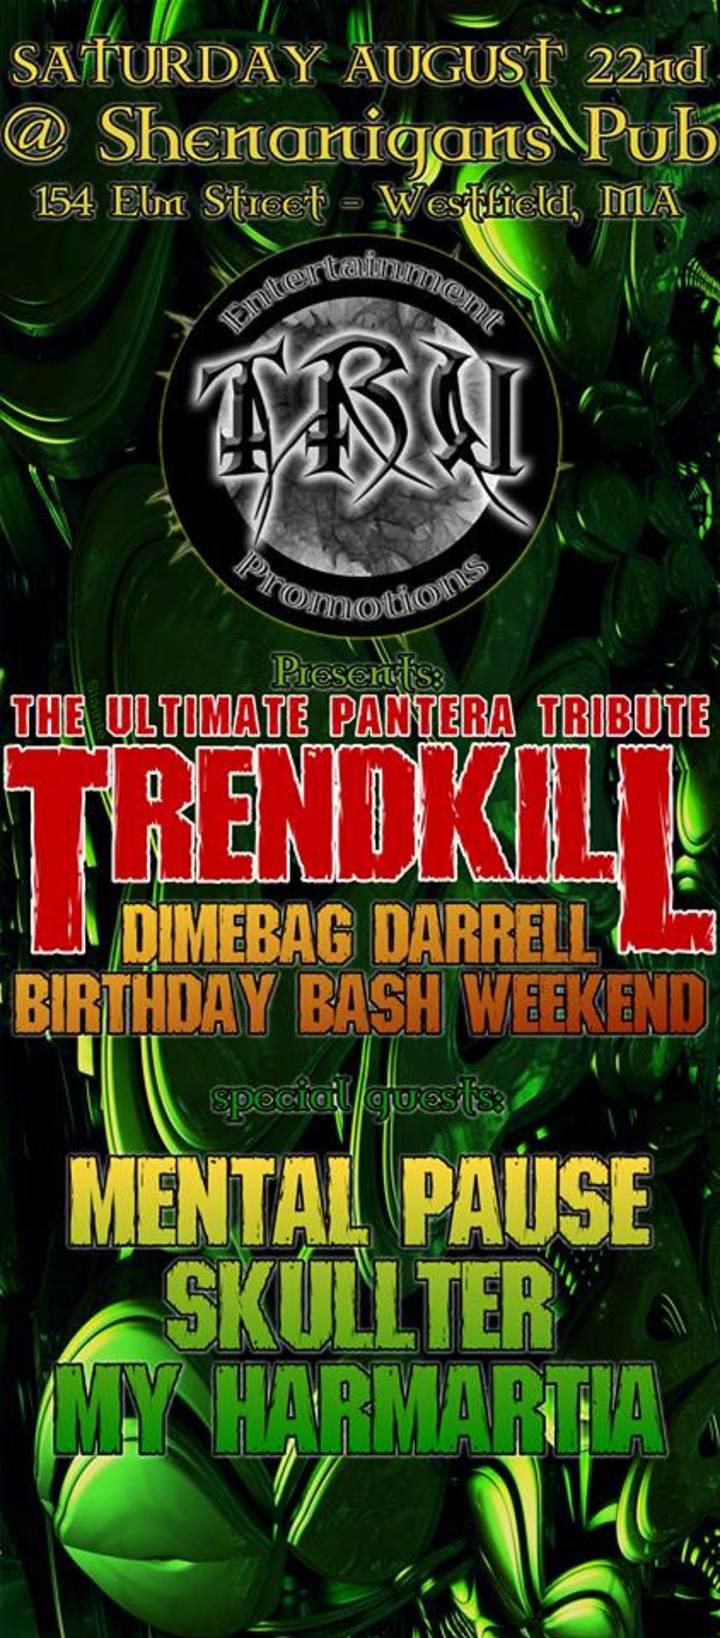 Trendkill Pantera Tribute Tour Dates